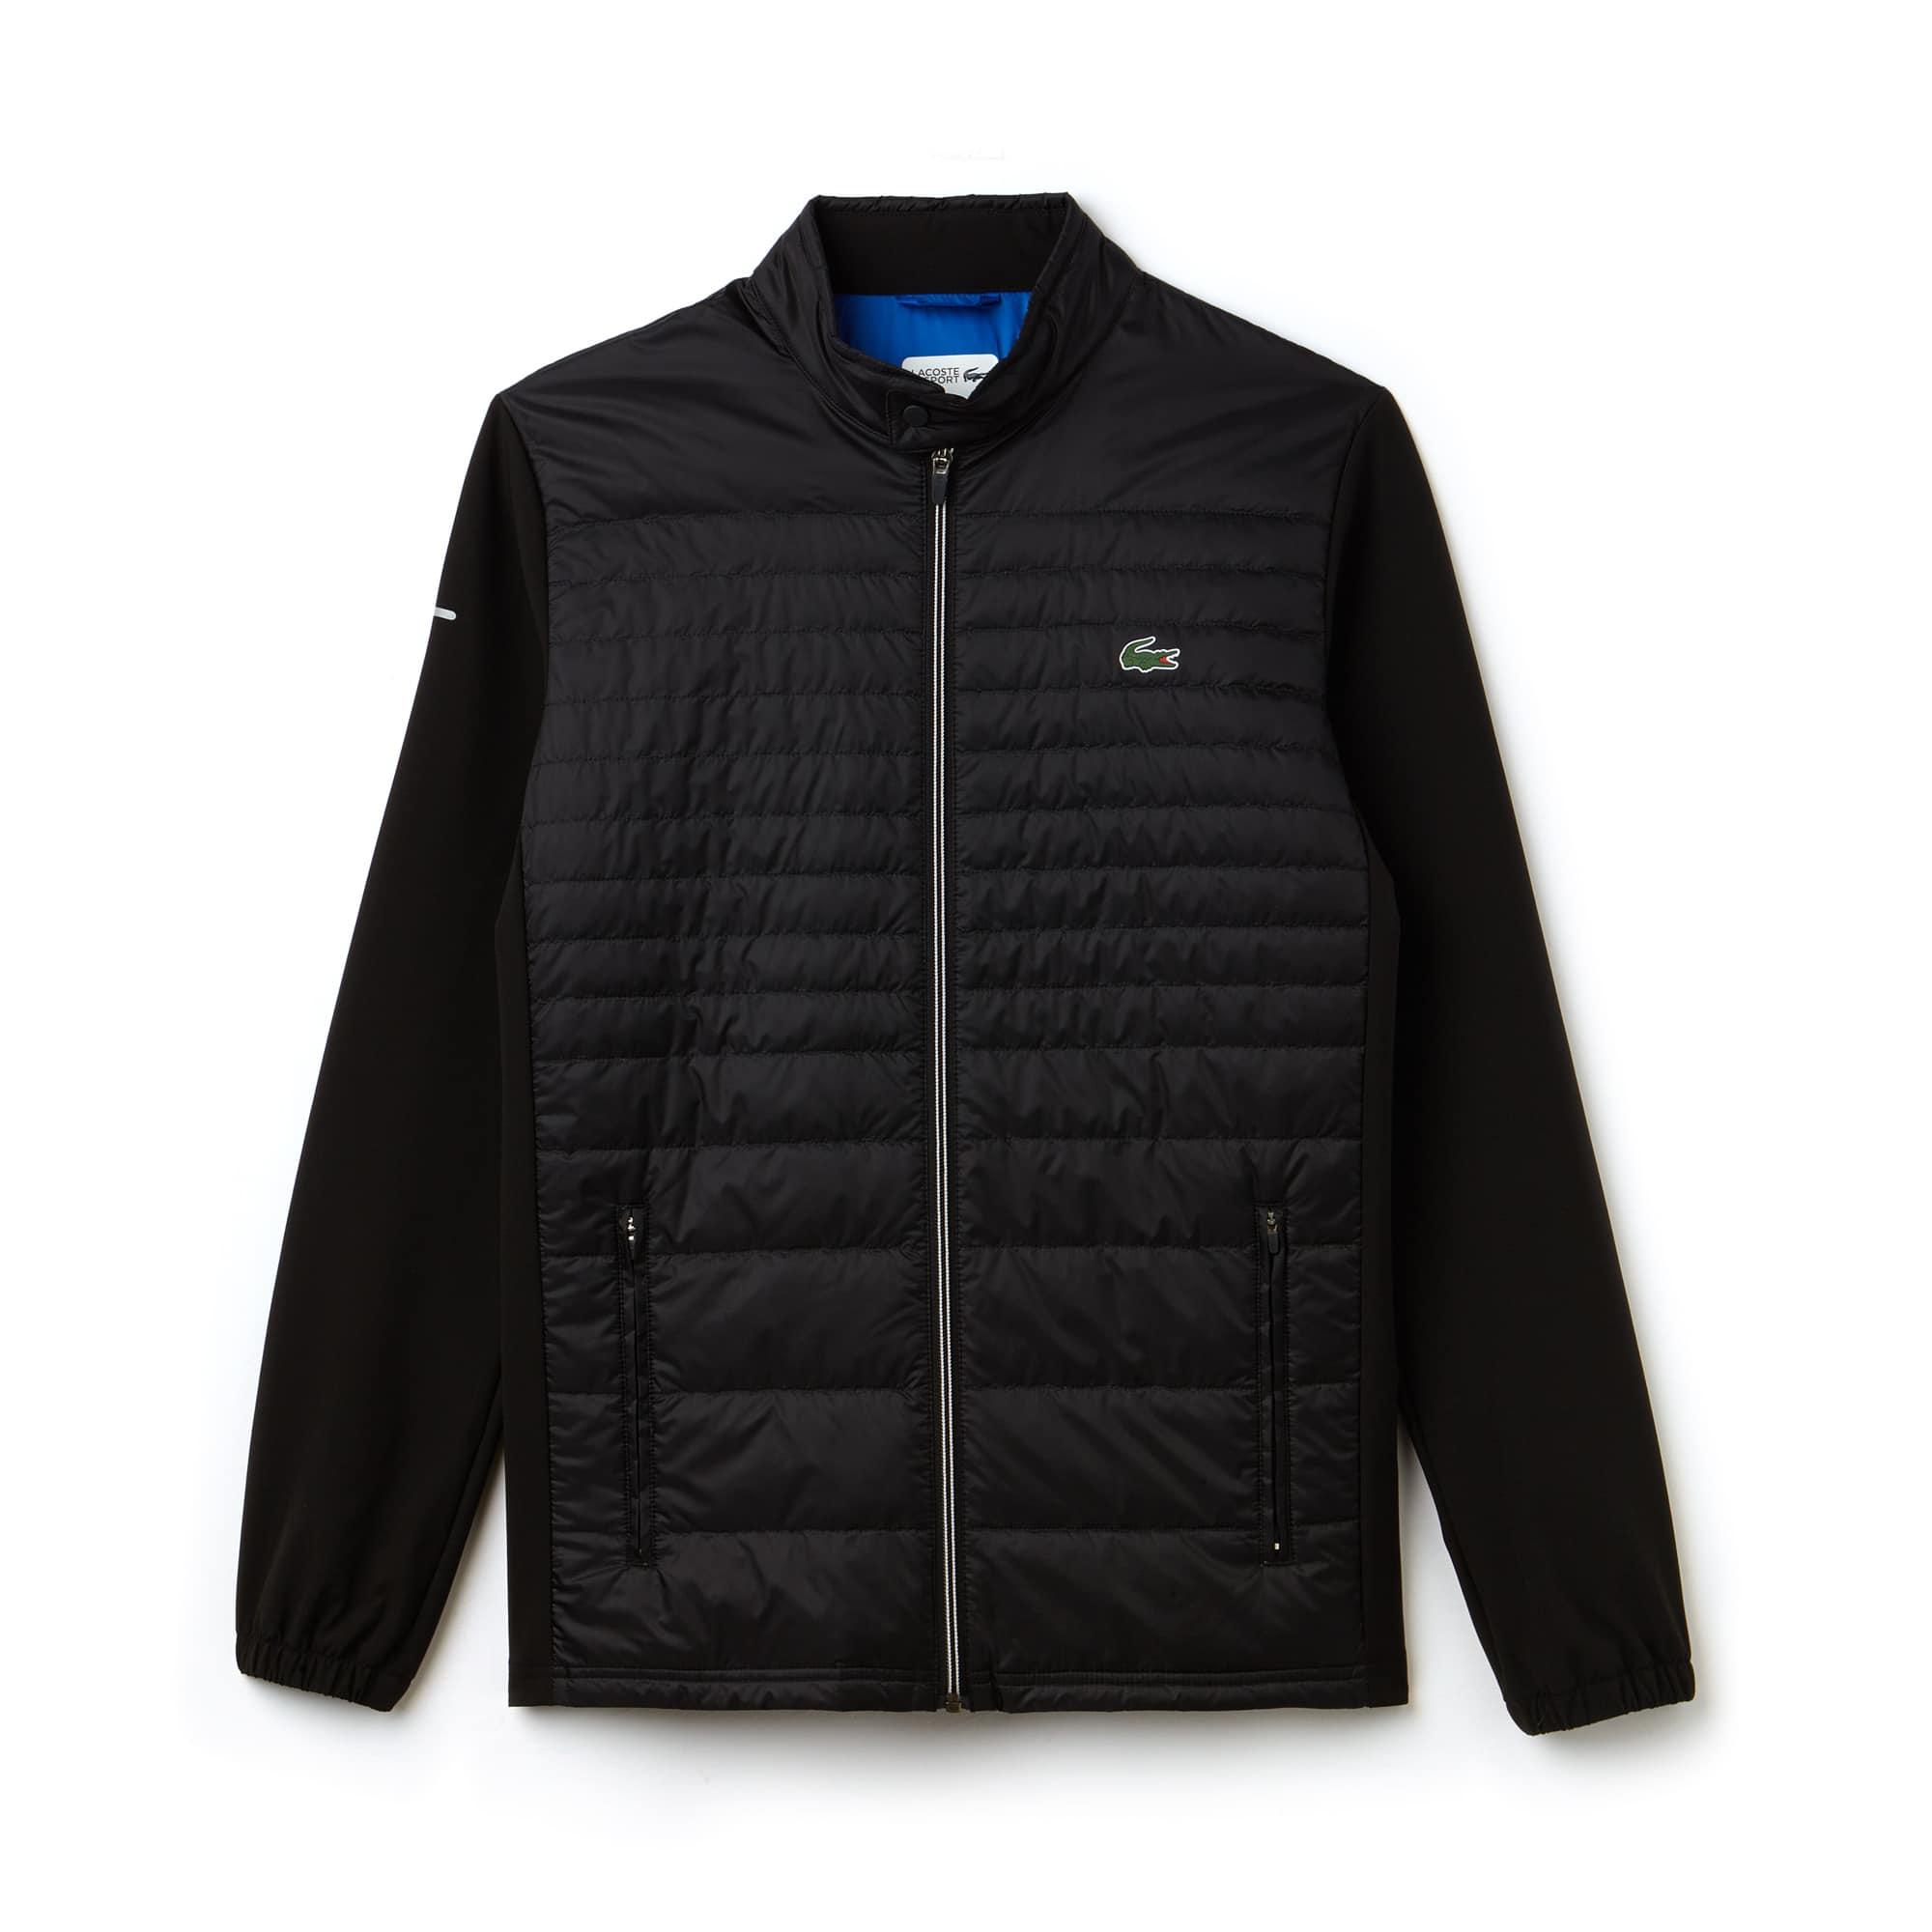 0c441cb98afc8f Men s Jackets and Coats